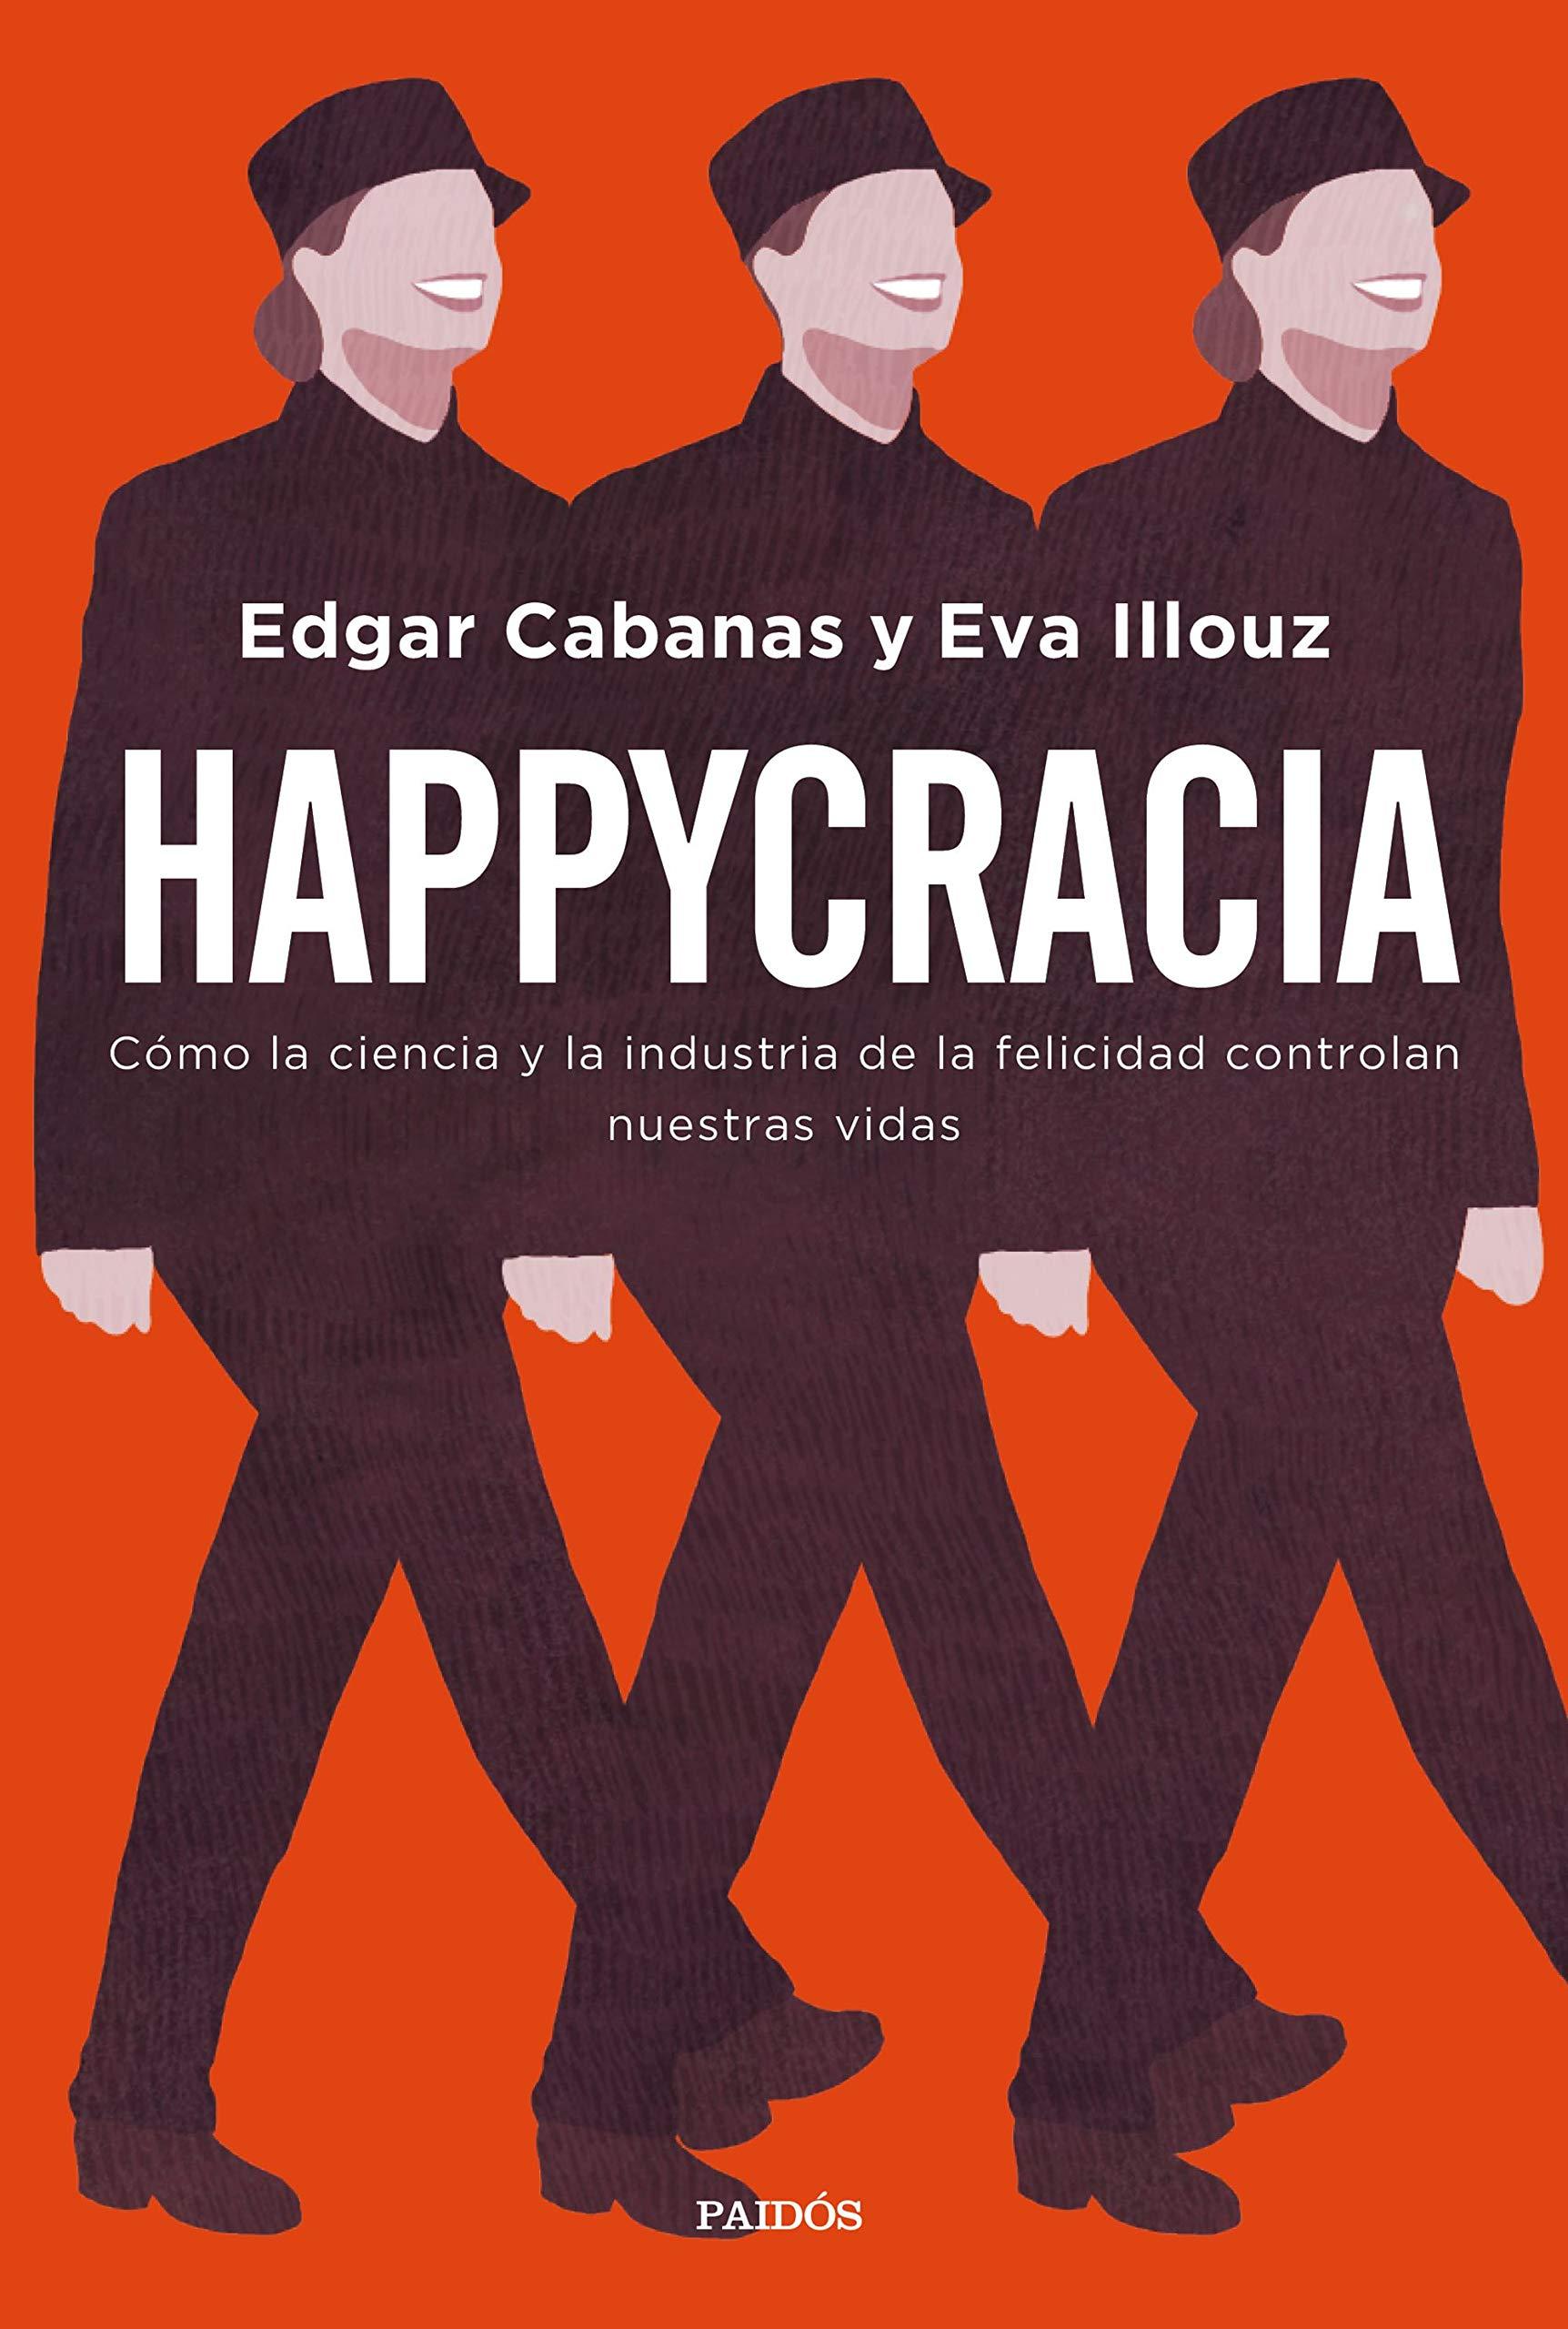 Happycracia: Cómo la ciencia y la industria de la felicidad controlan nuestras vidas (Contextos)